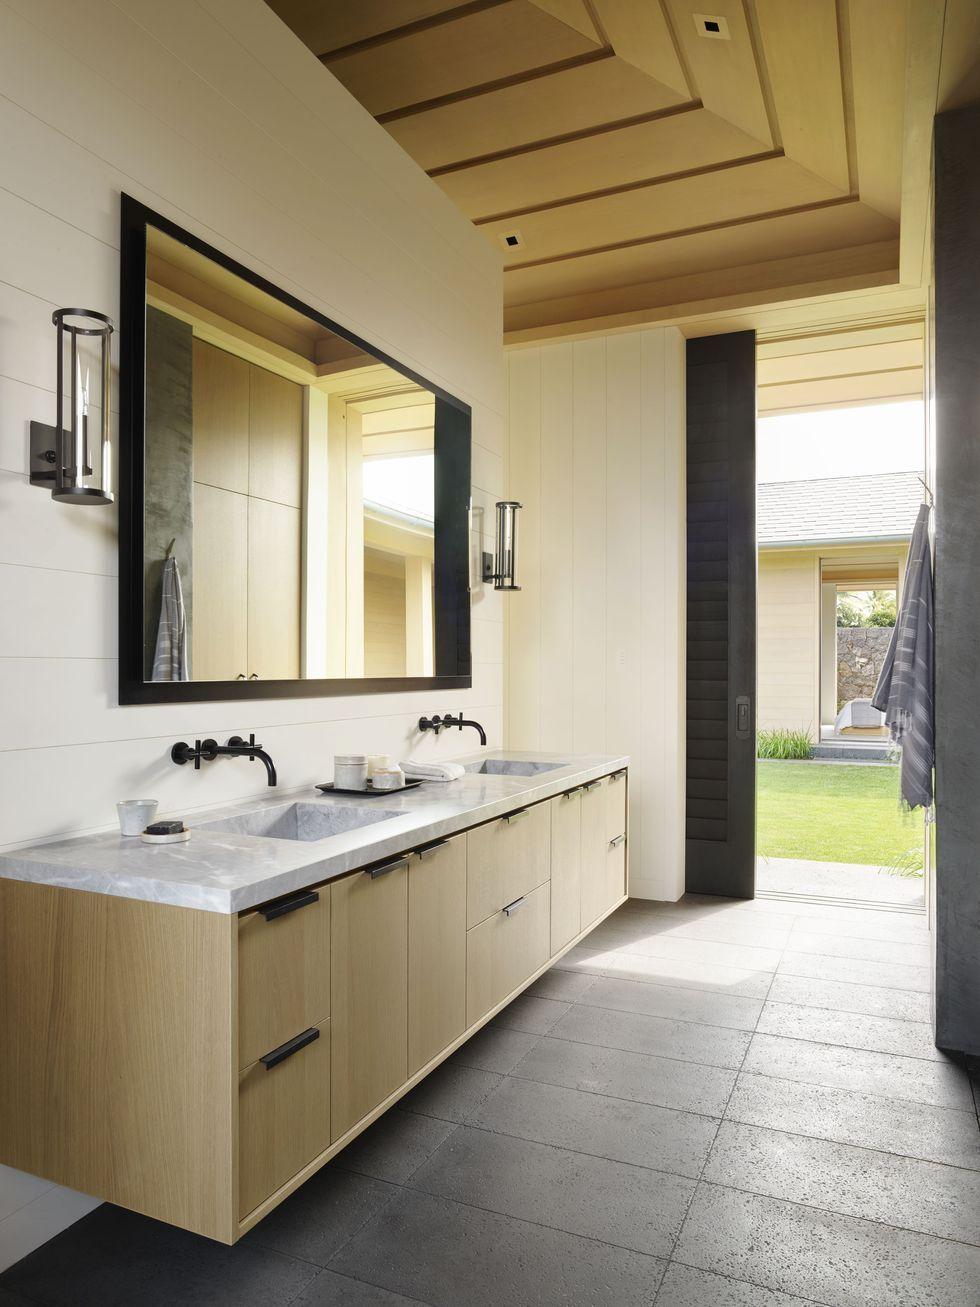 Basalt The Floor Material That Works In Any Room Basalt Tile Basalt Flooring